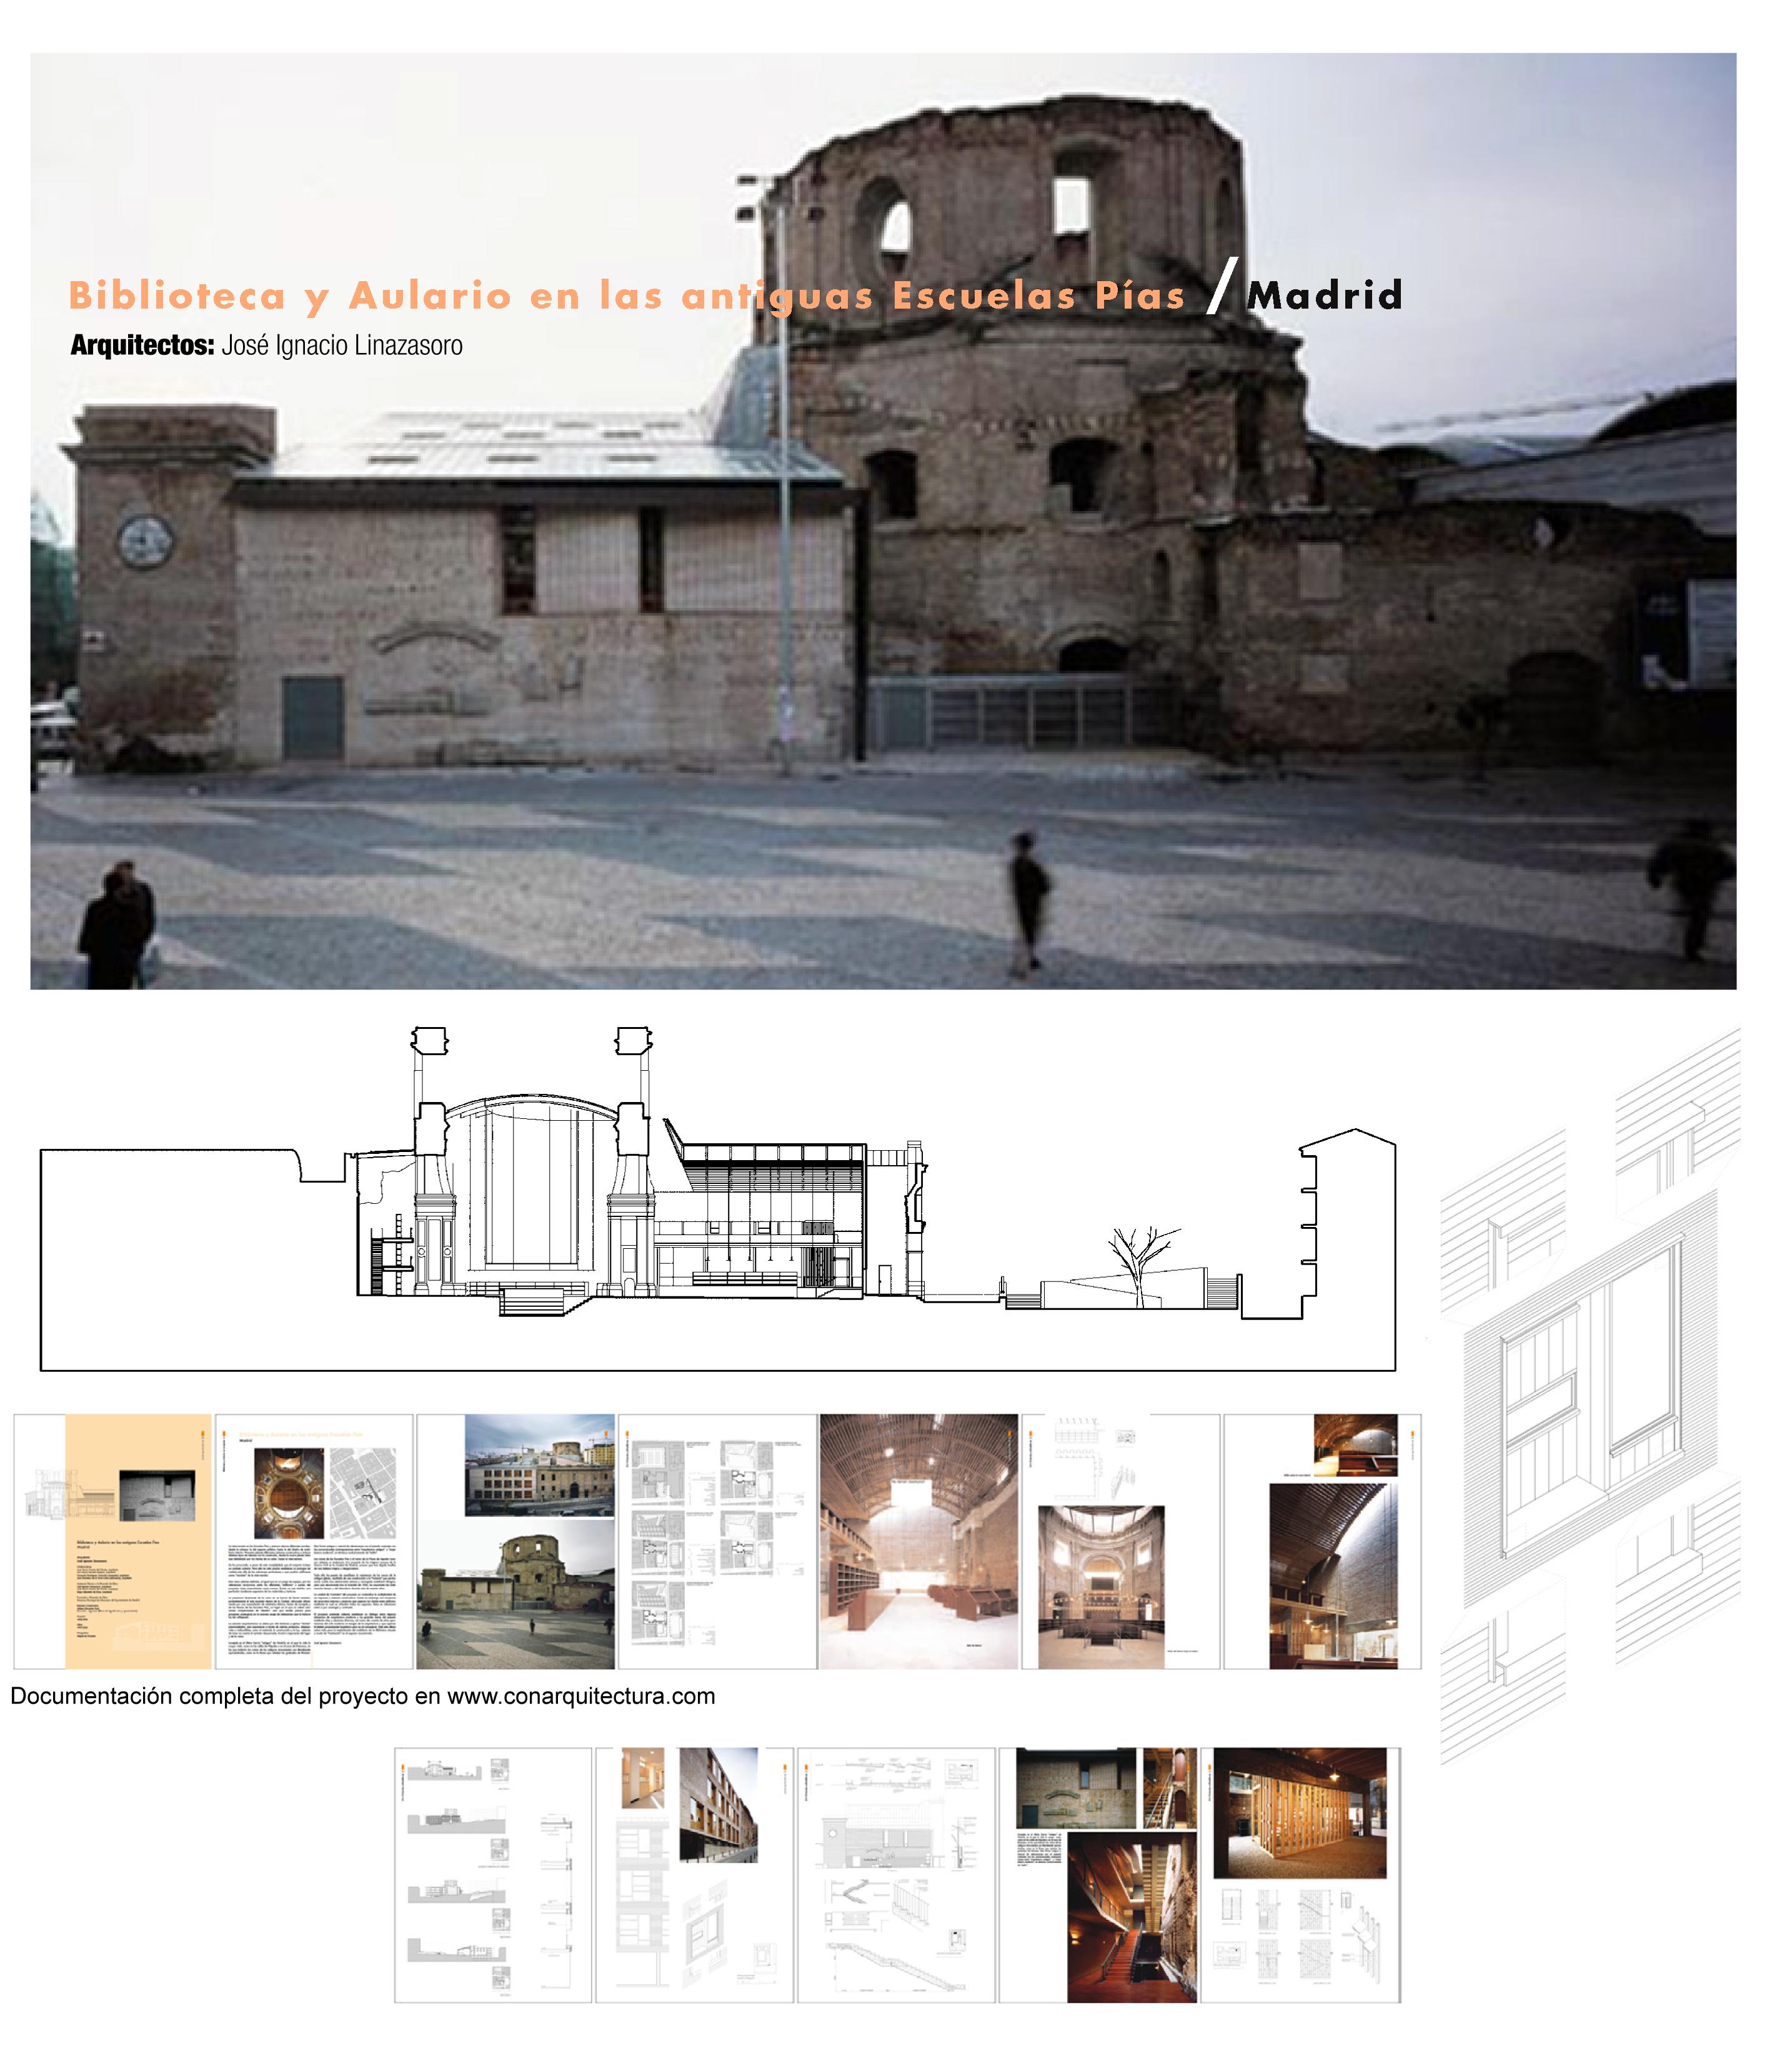 Arquitectura ladrillo conarquitectura for Biblioteca uned